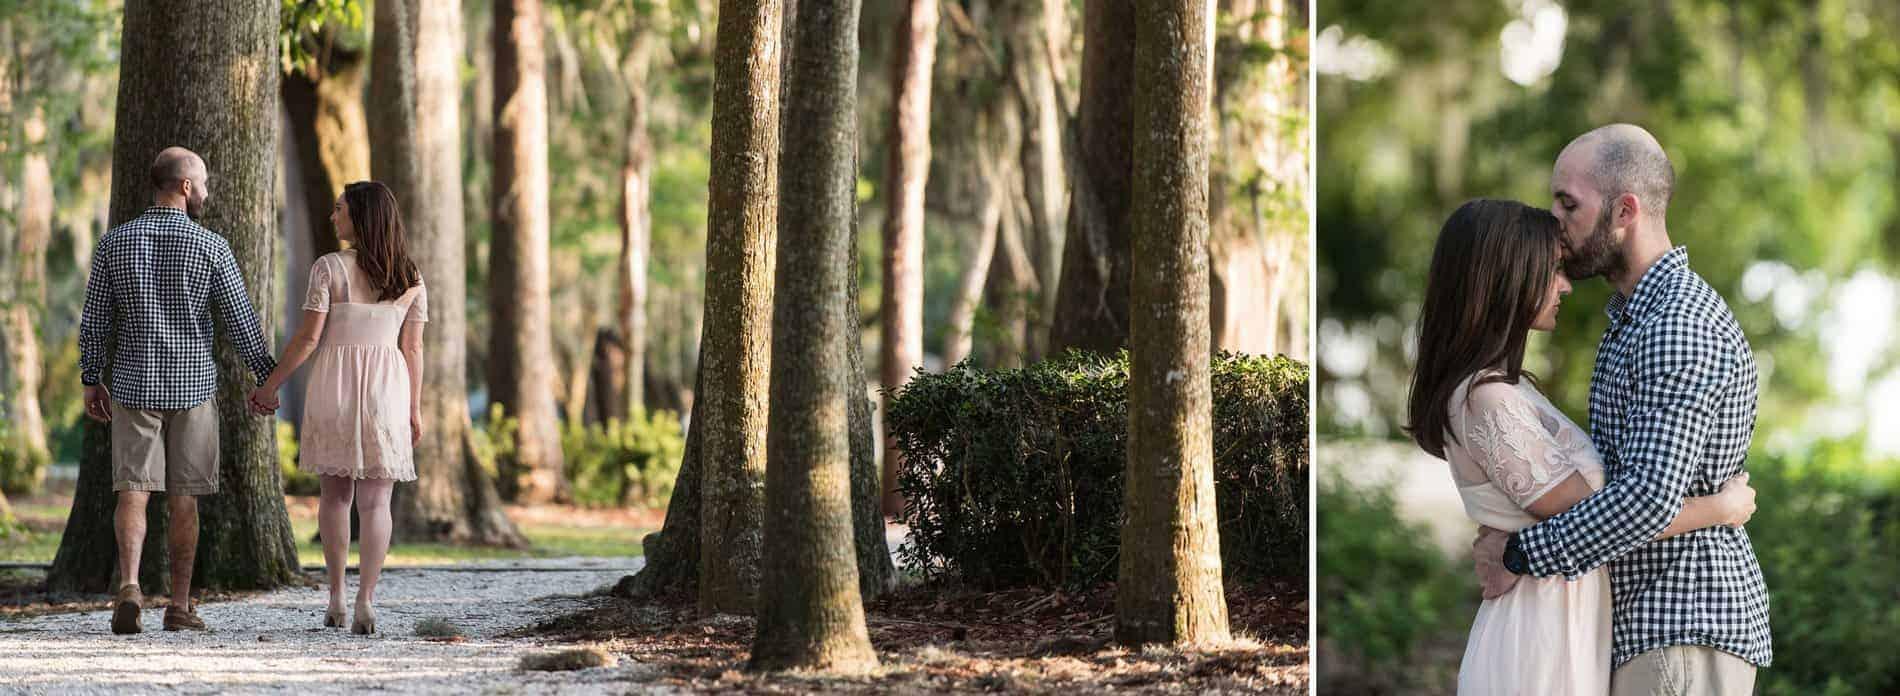 Engaged couple at Kraft Azalea Park walking by the tall trees